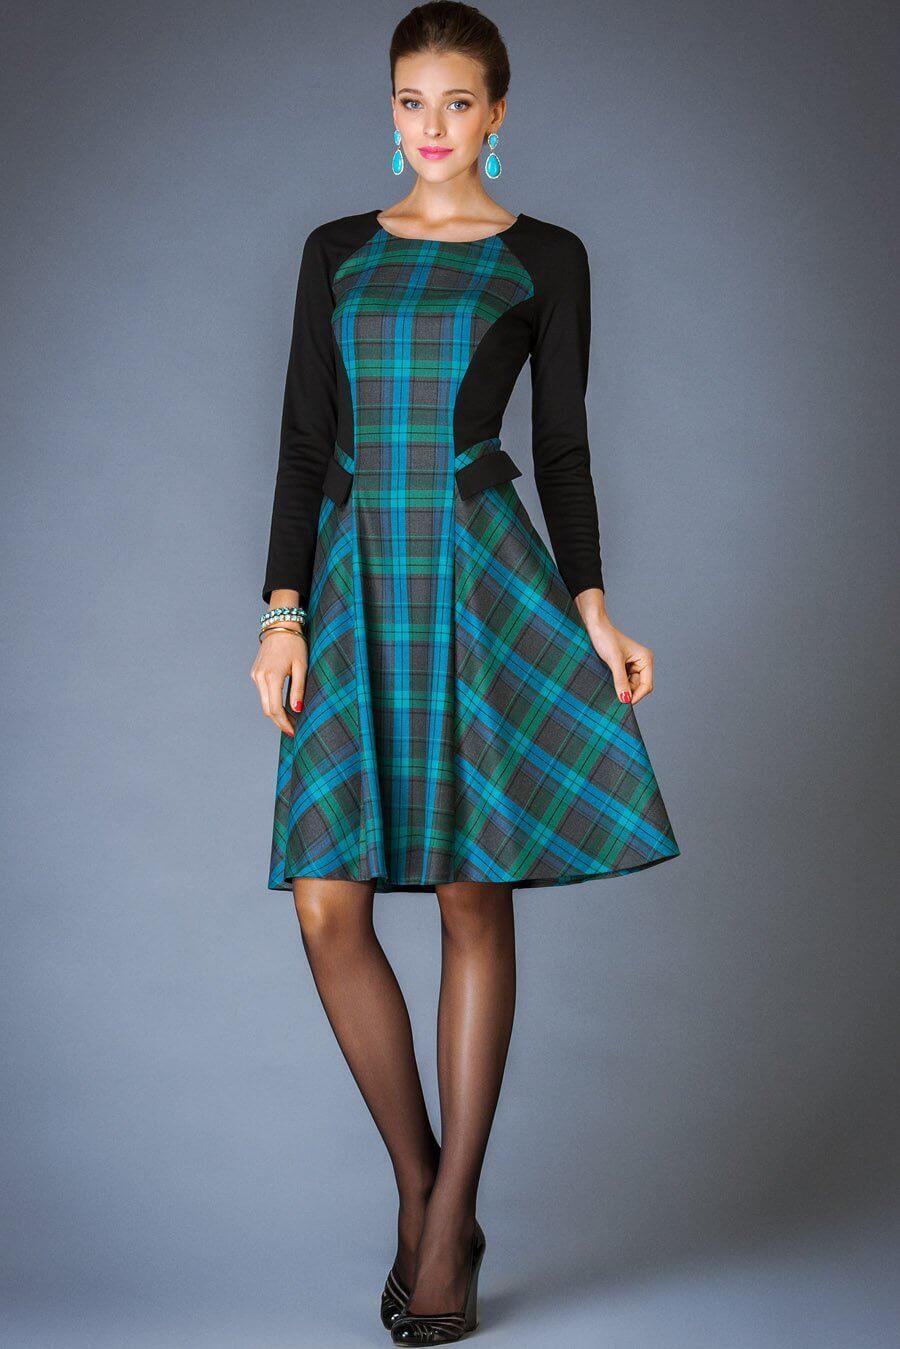 Платье — сарафан в клетку, колготки, туфли на каблуке ... Тартан Платье